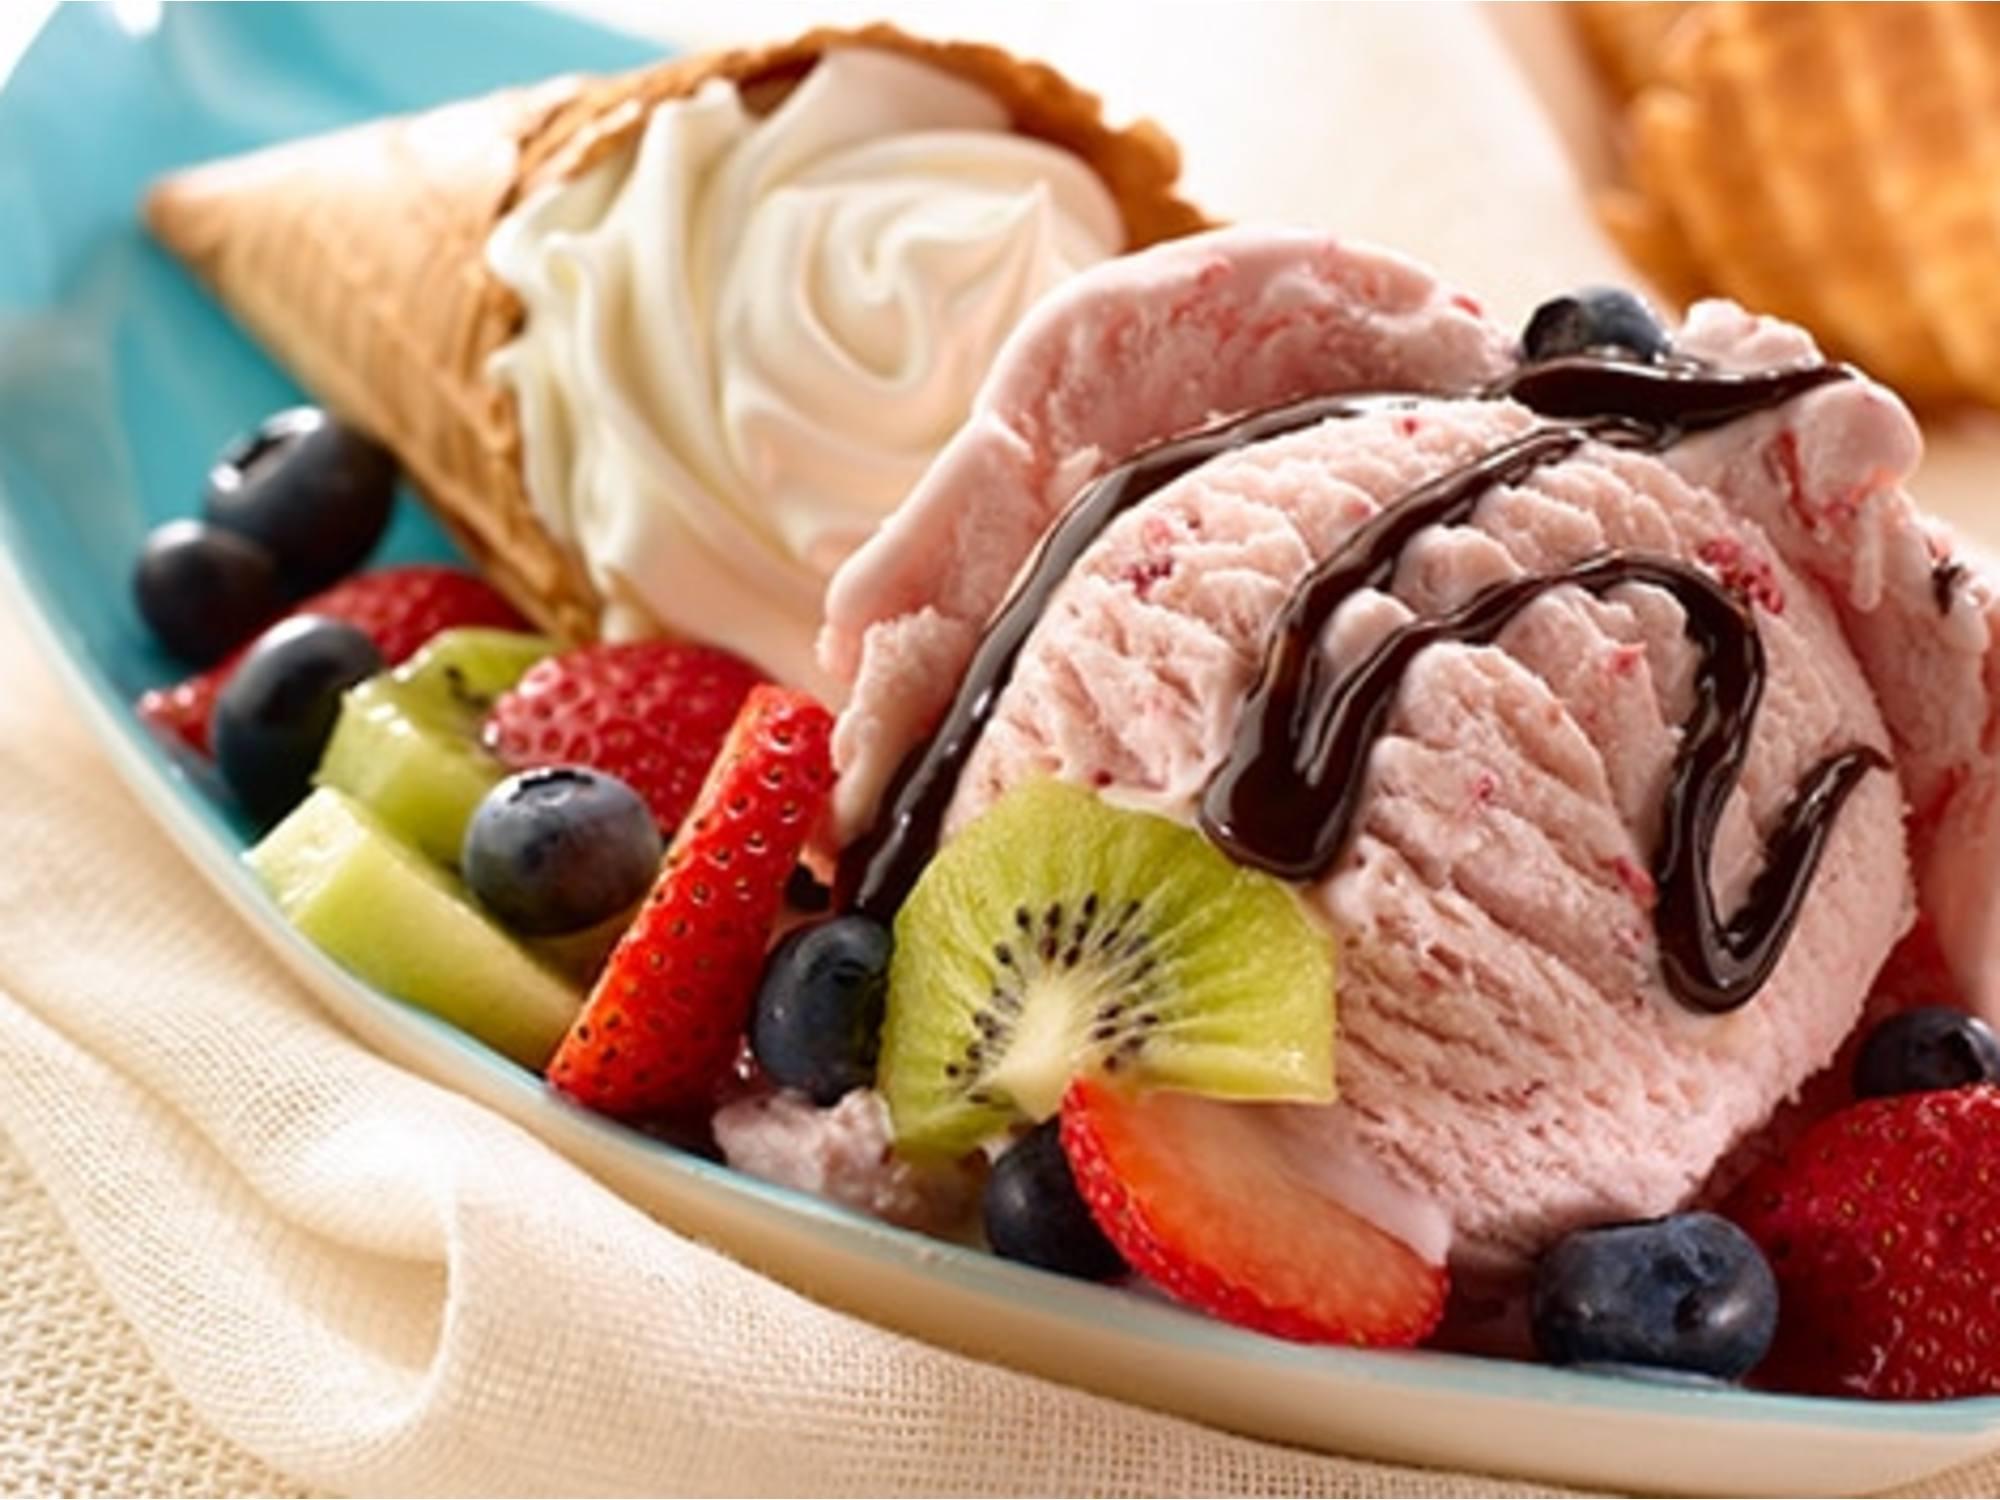 Conos con sundae de fruta y crema